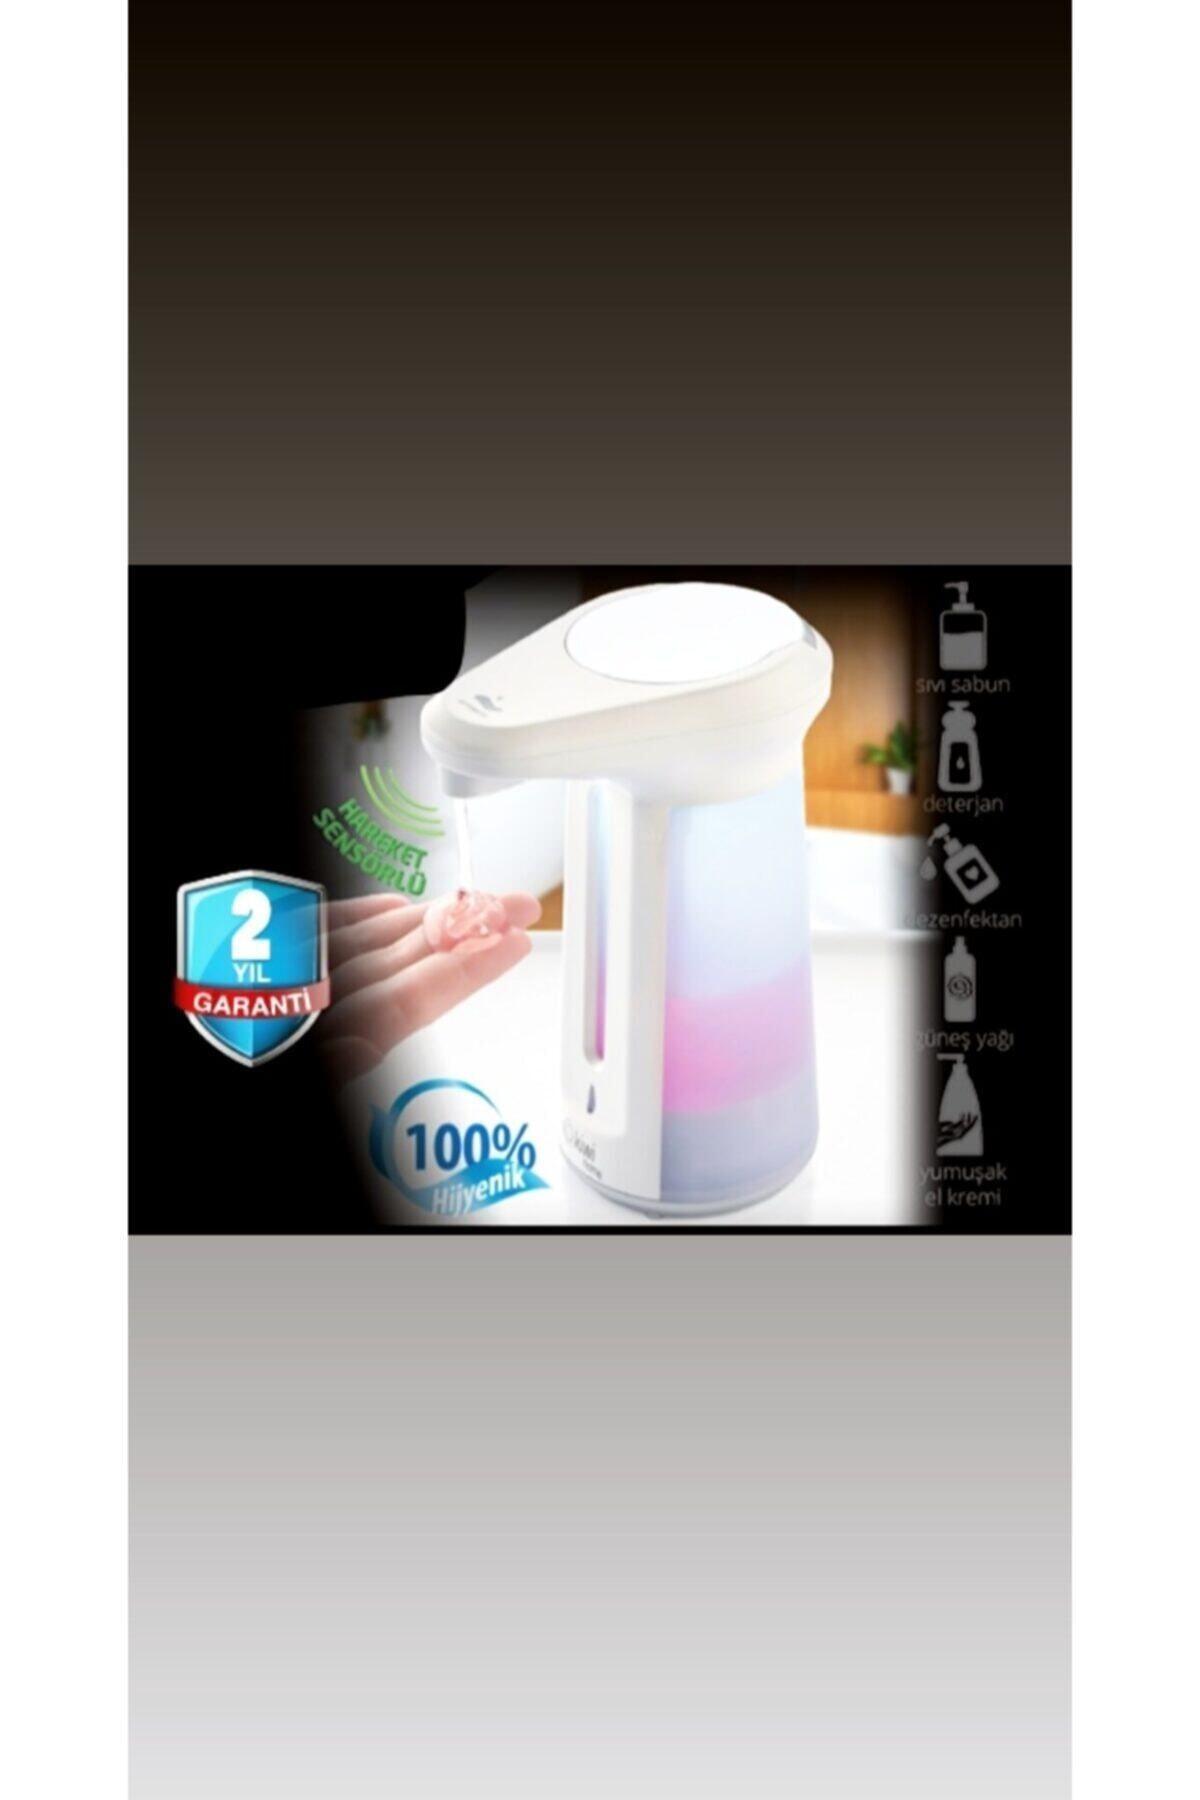 Kiwi Otomatik El Sensörlü Sıvı Sabunluk Ve Dezenfektan 2